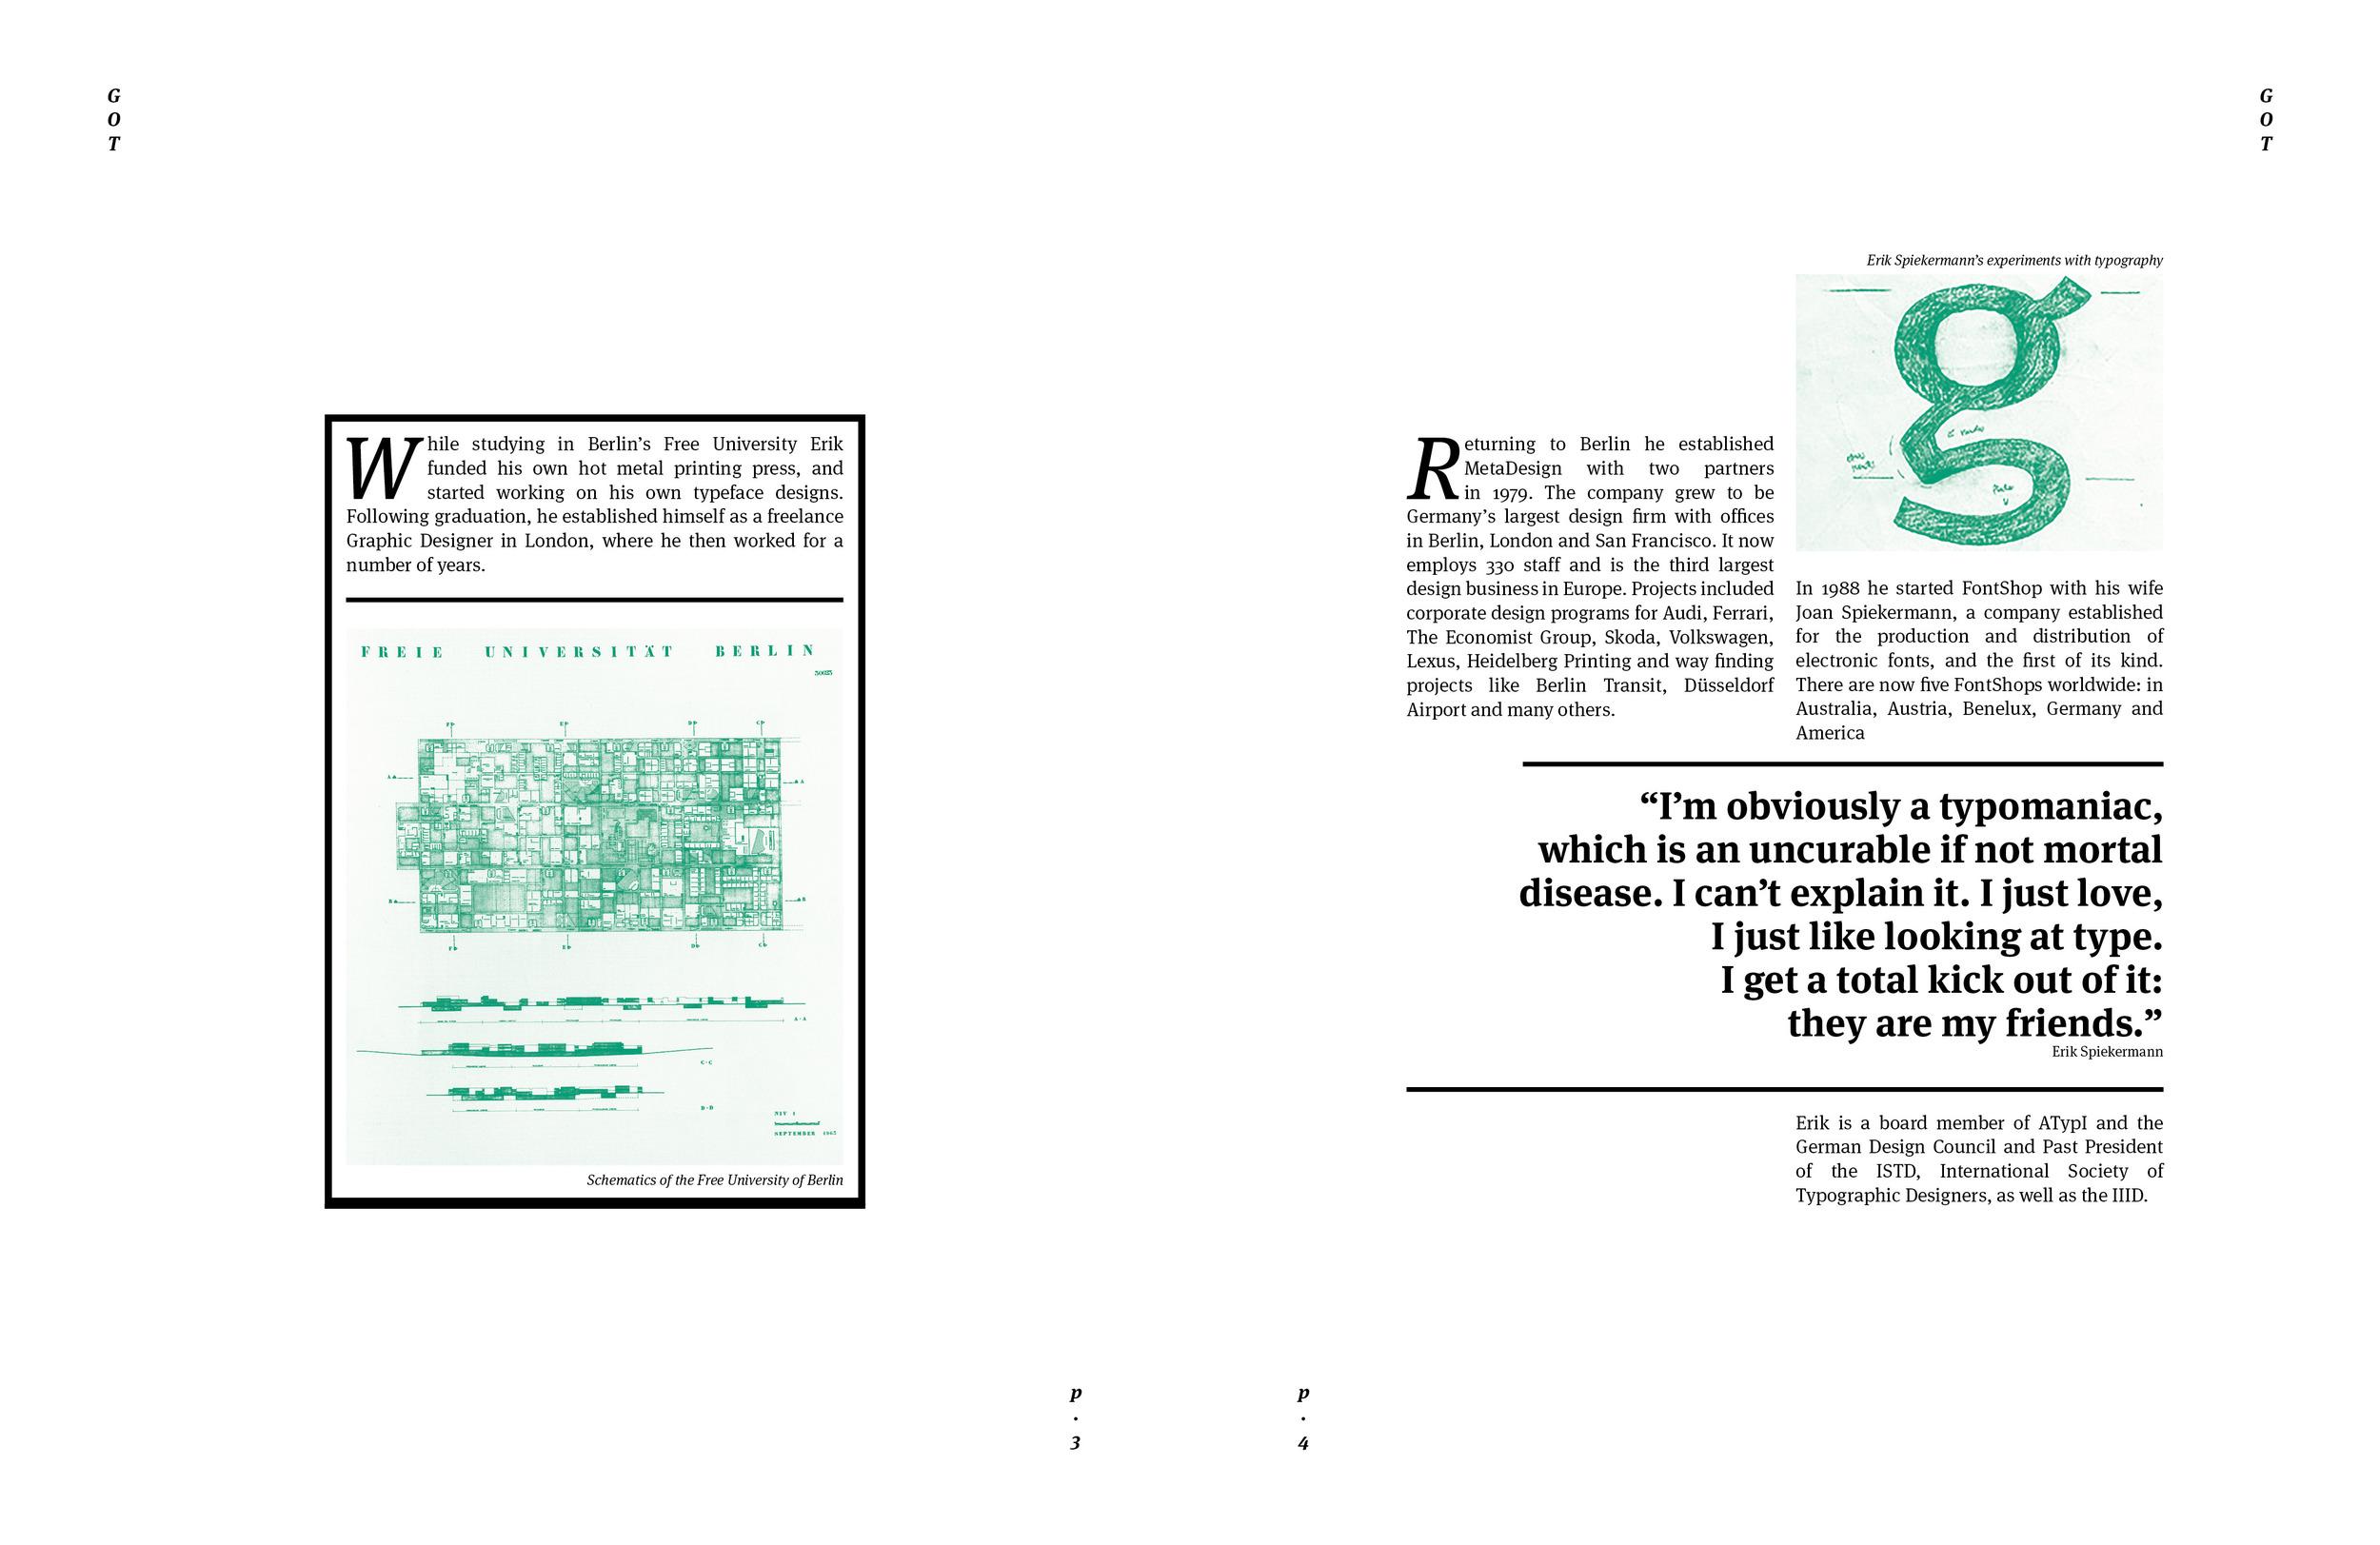 Giants of Typography2.jpg